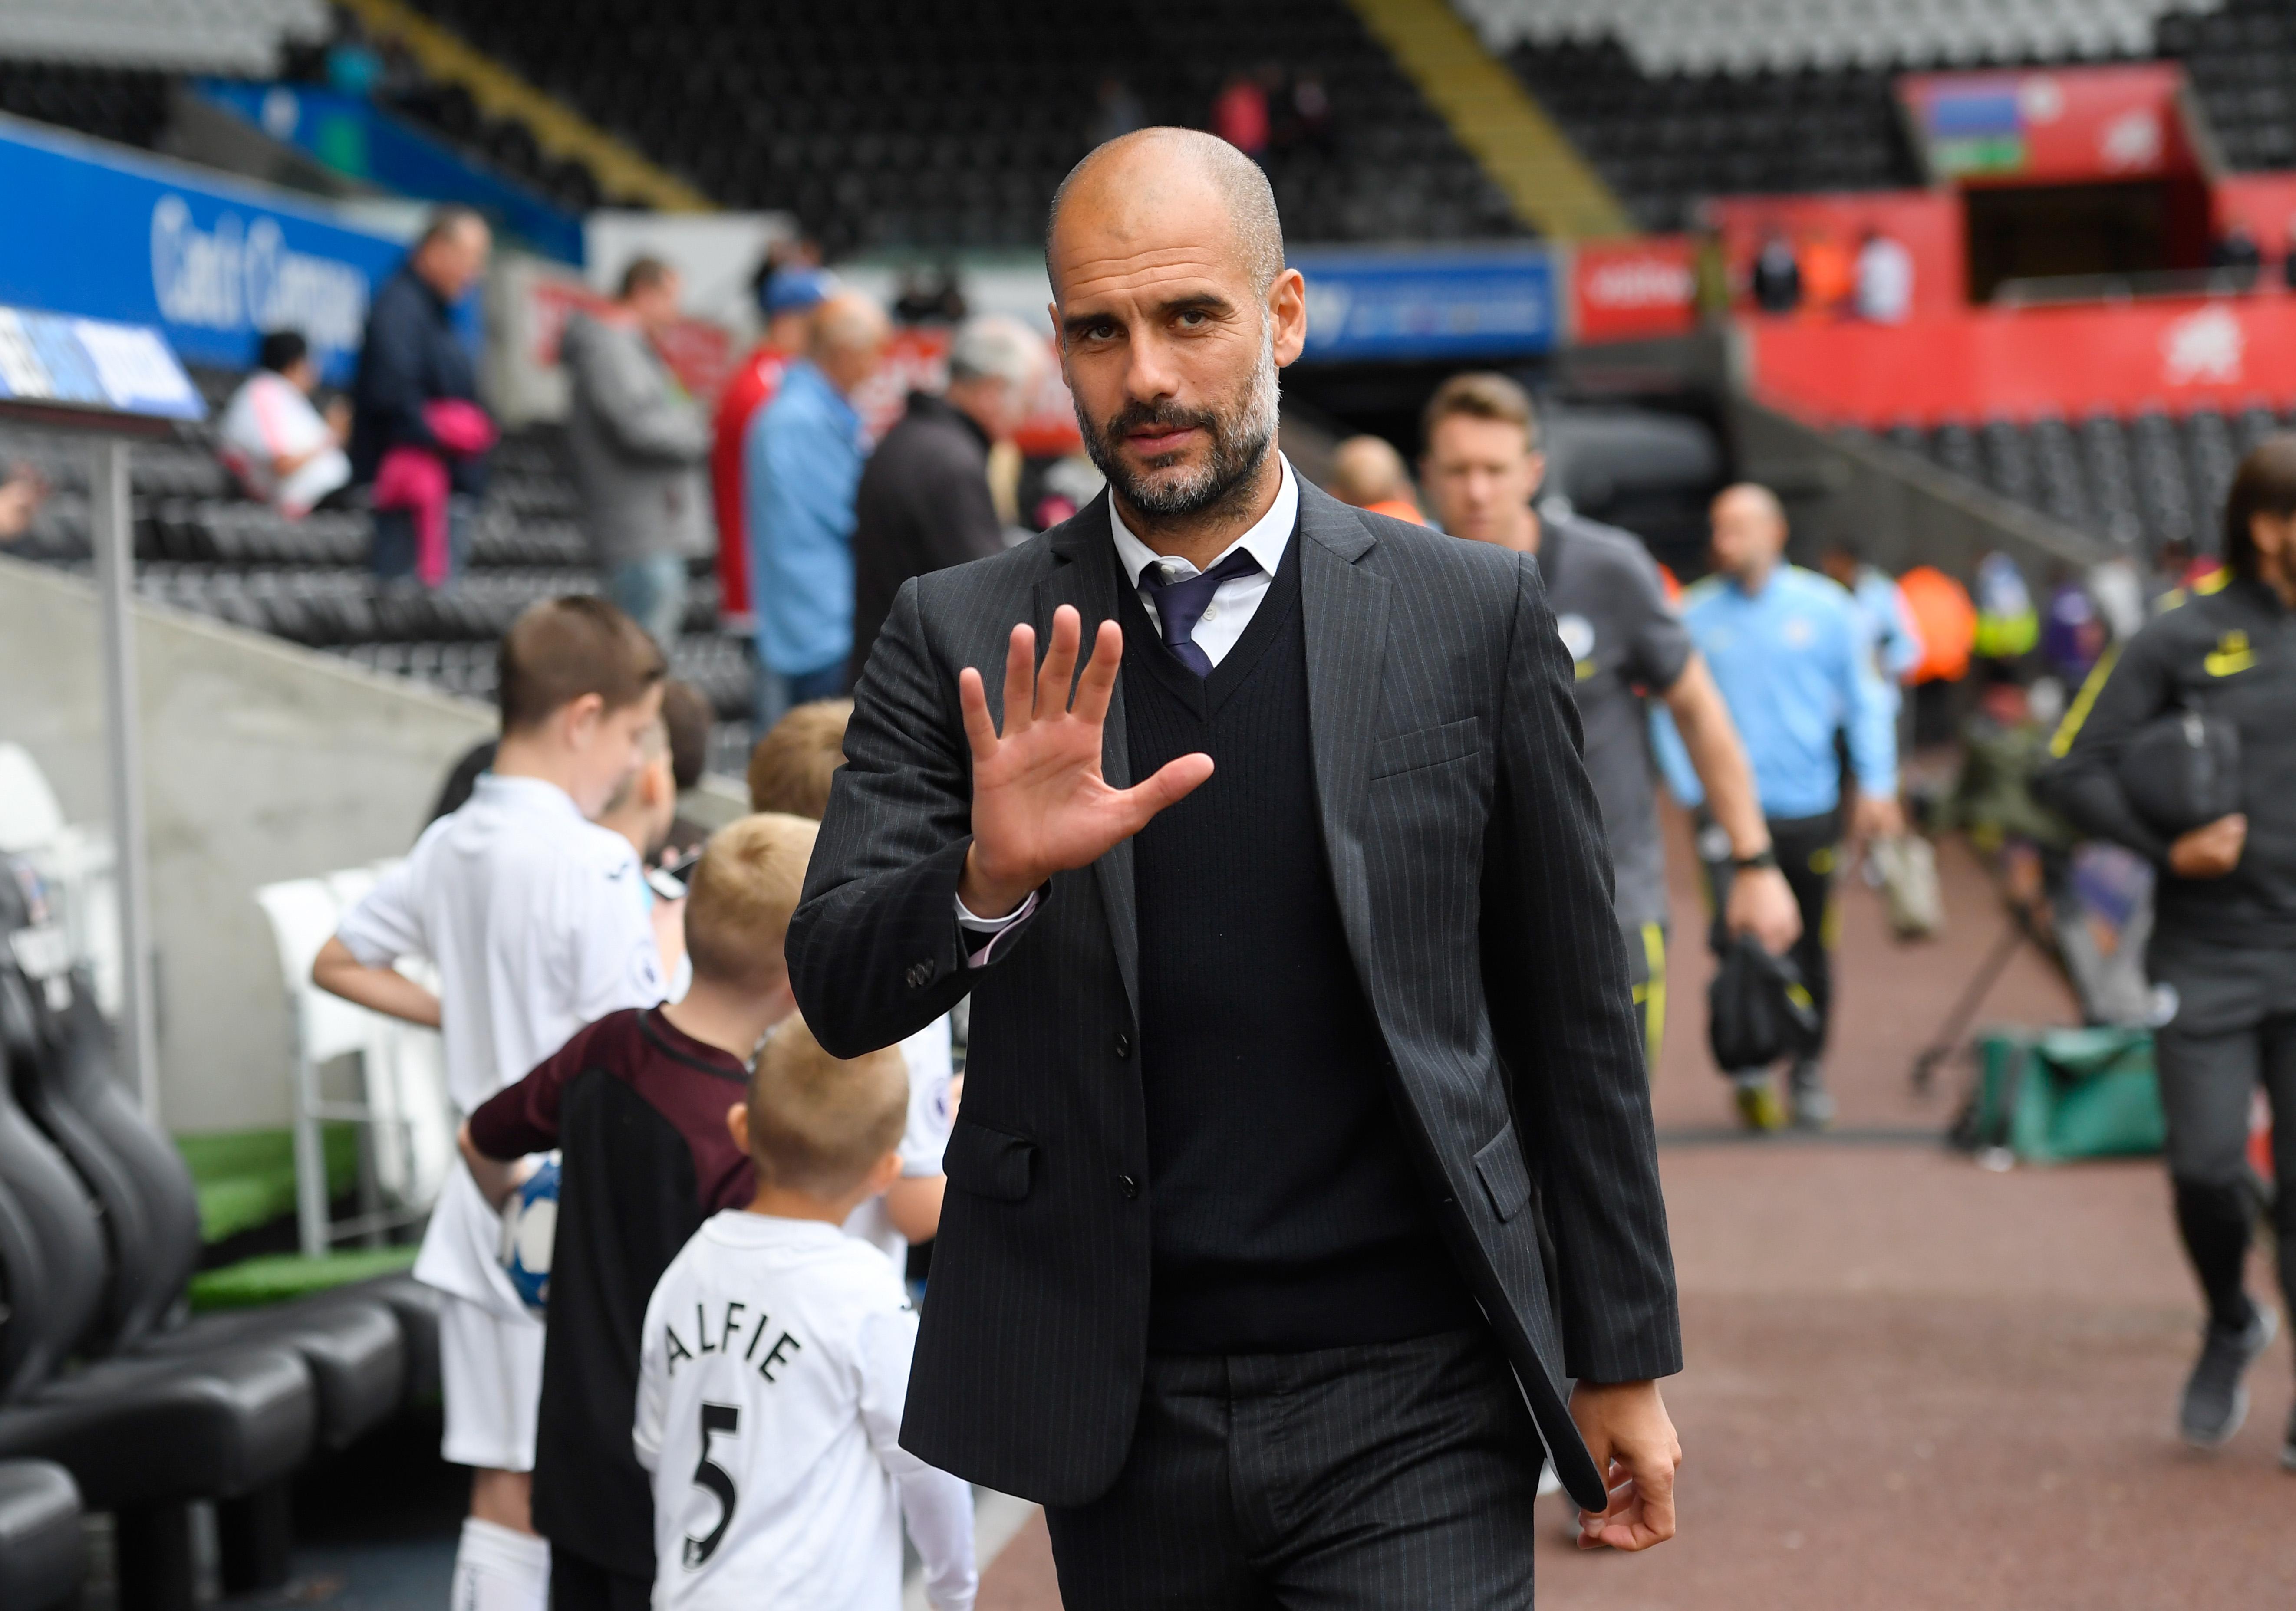 Manchester City: Guardiola regrets naive handling of Kompany injury comeback